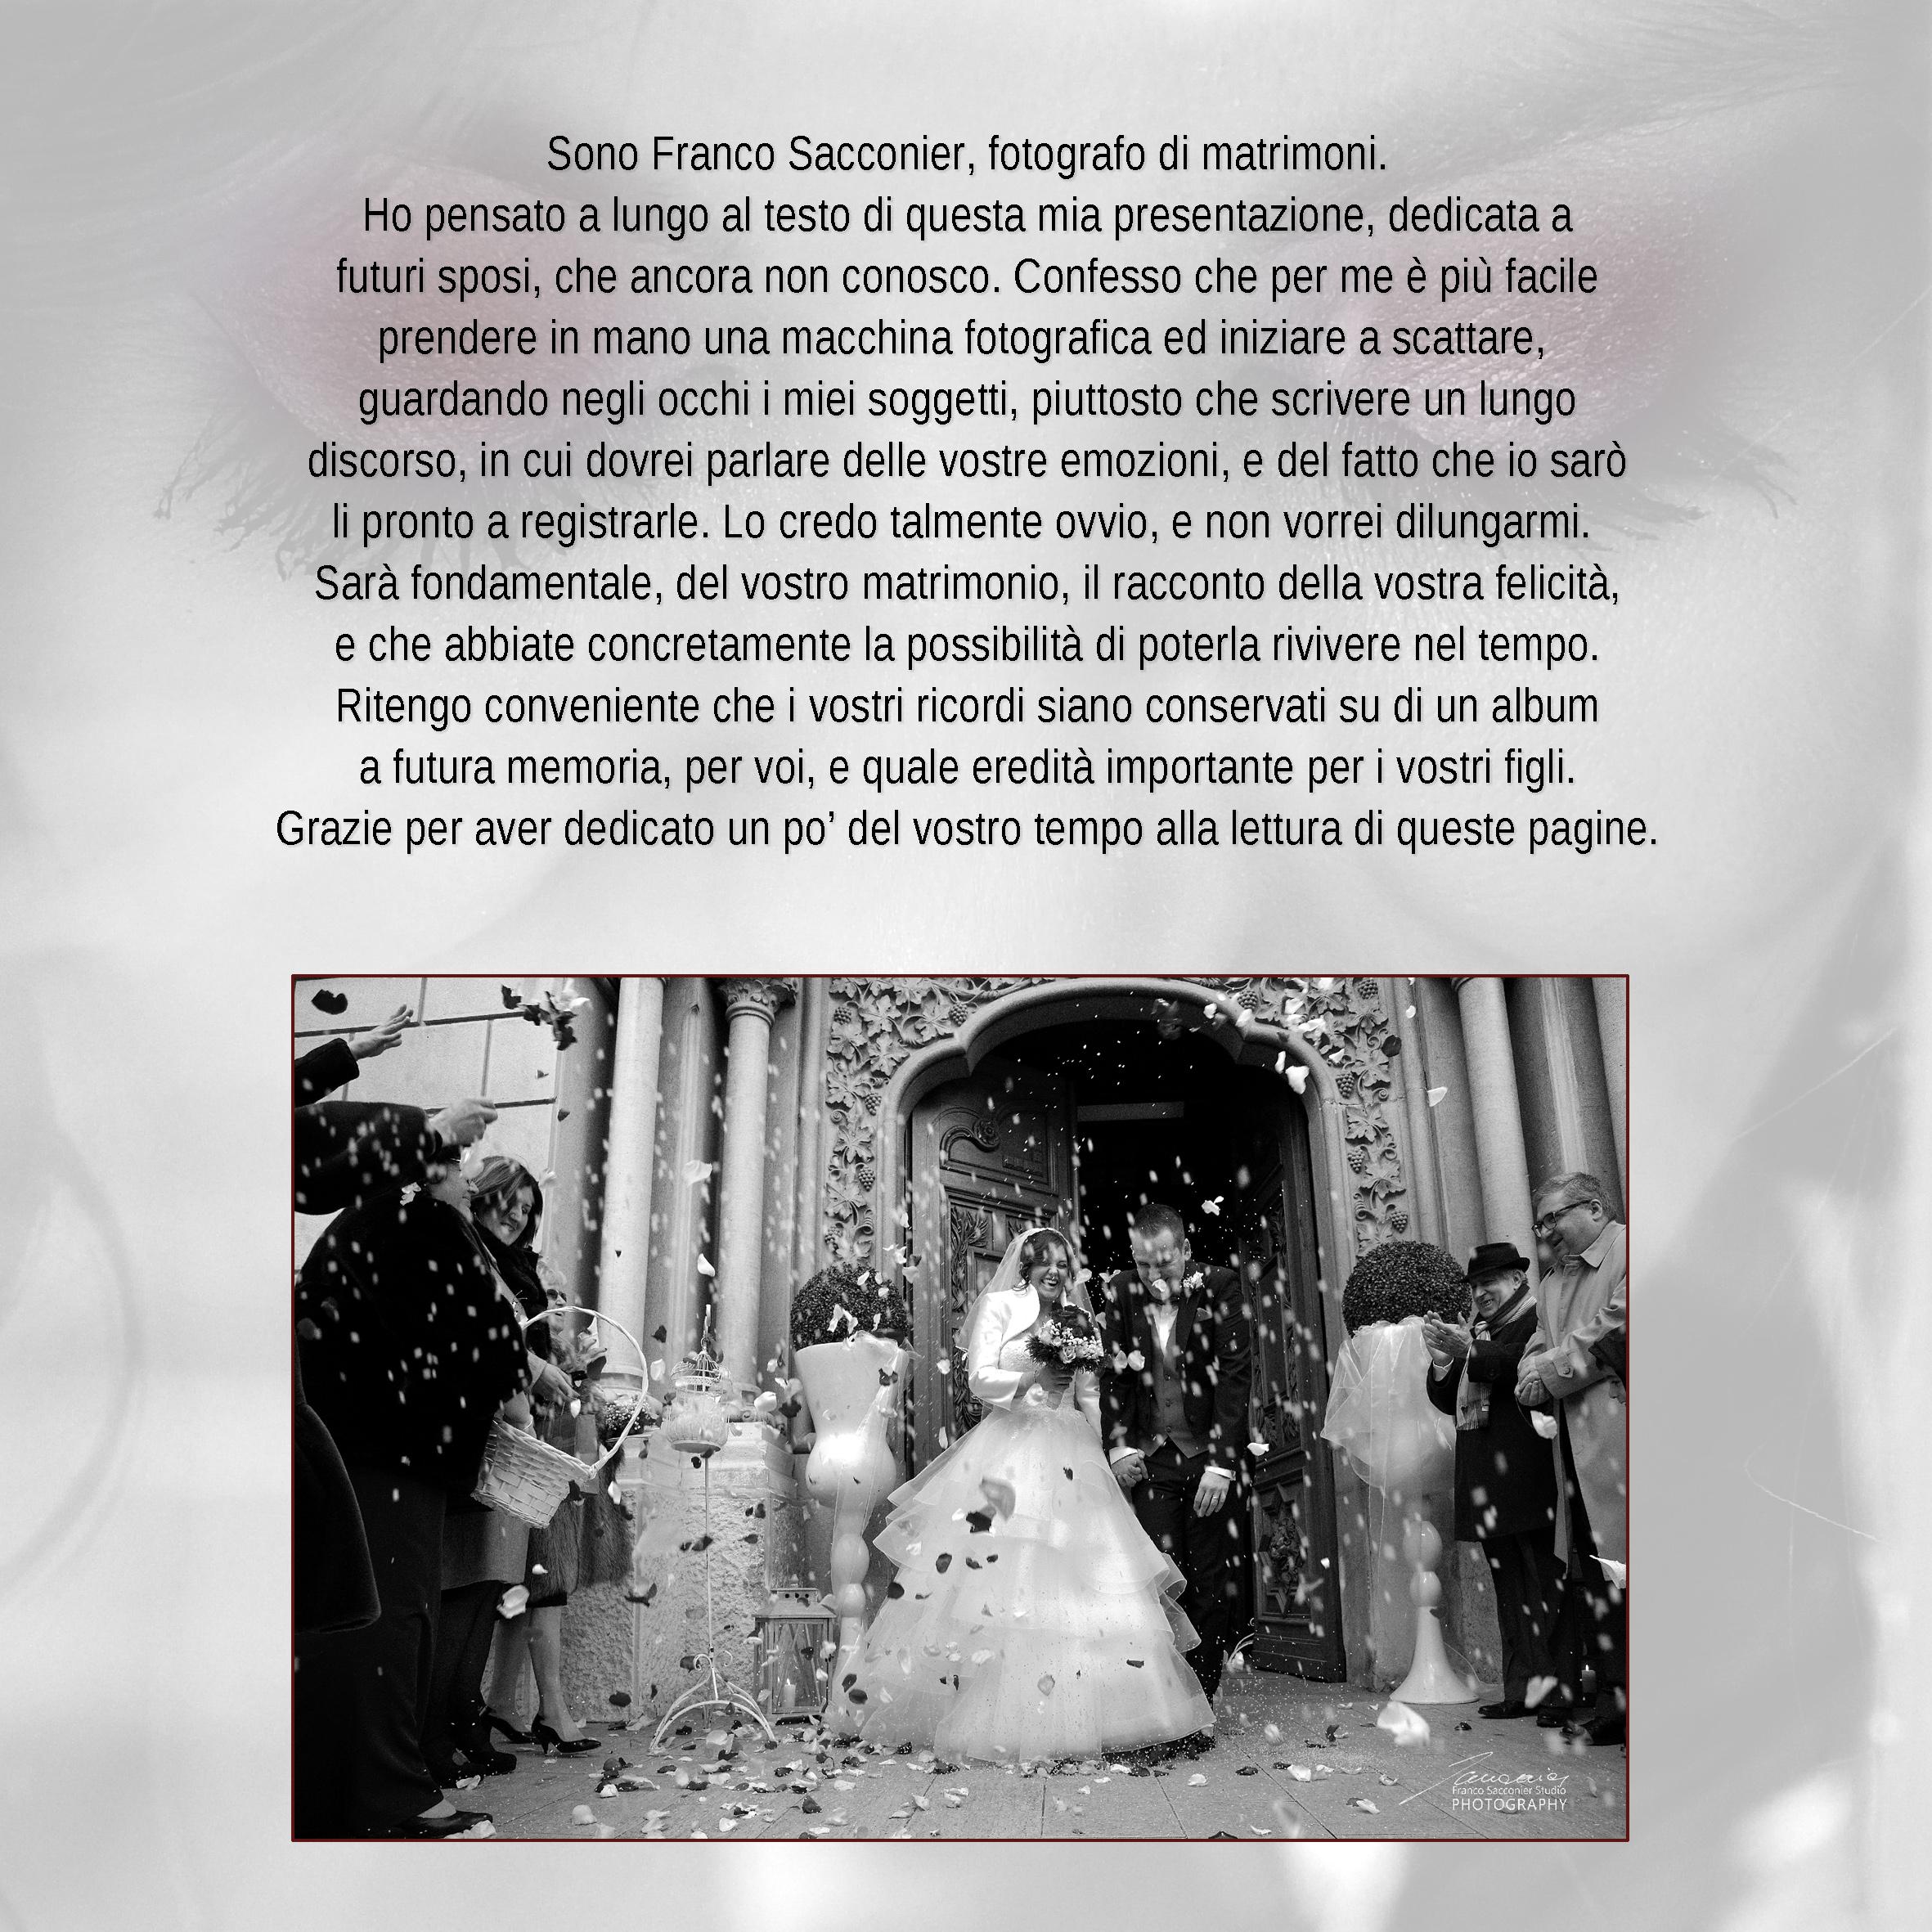 Chi sono, perche faccio questo lavoro. #fotografodimatrimoni #weddingphotographer